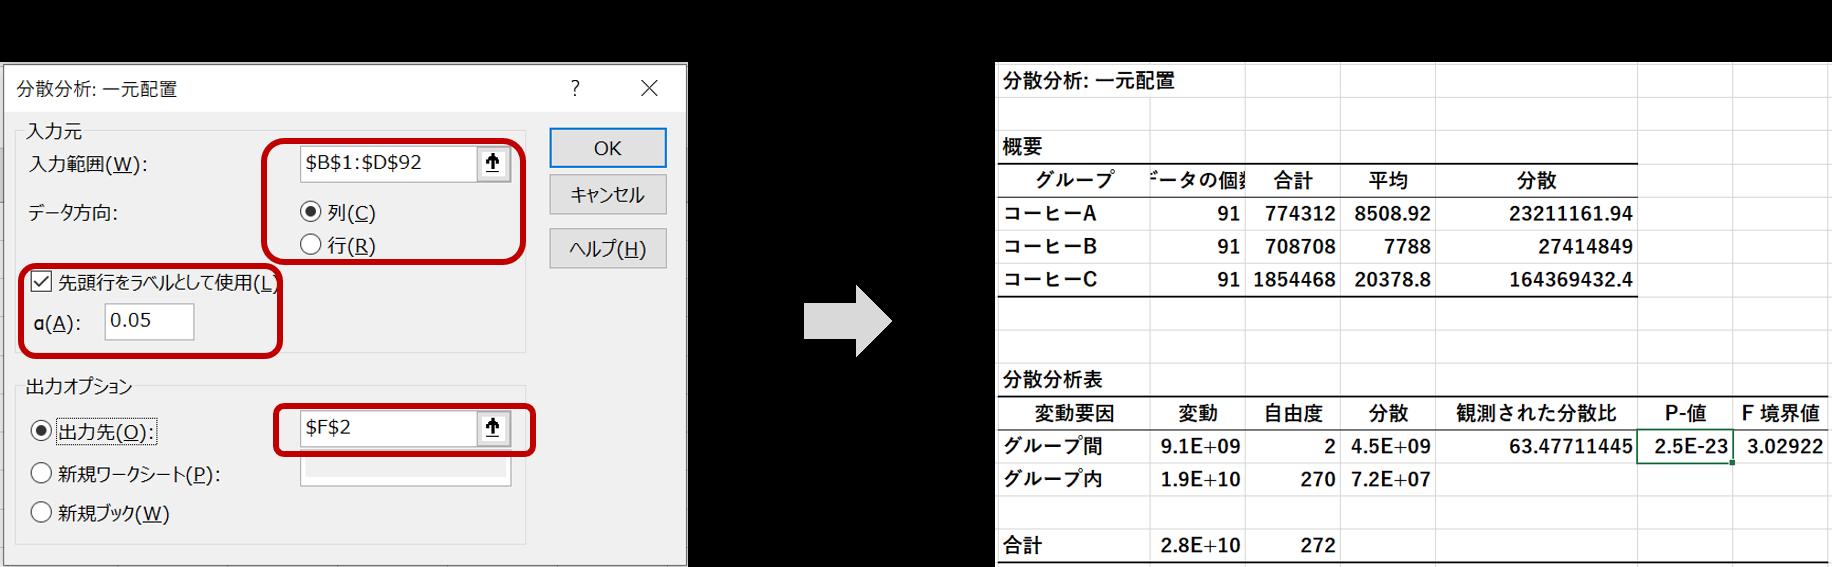 一元配置分散分析の手順2